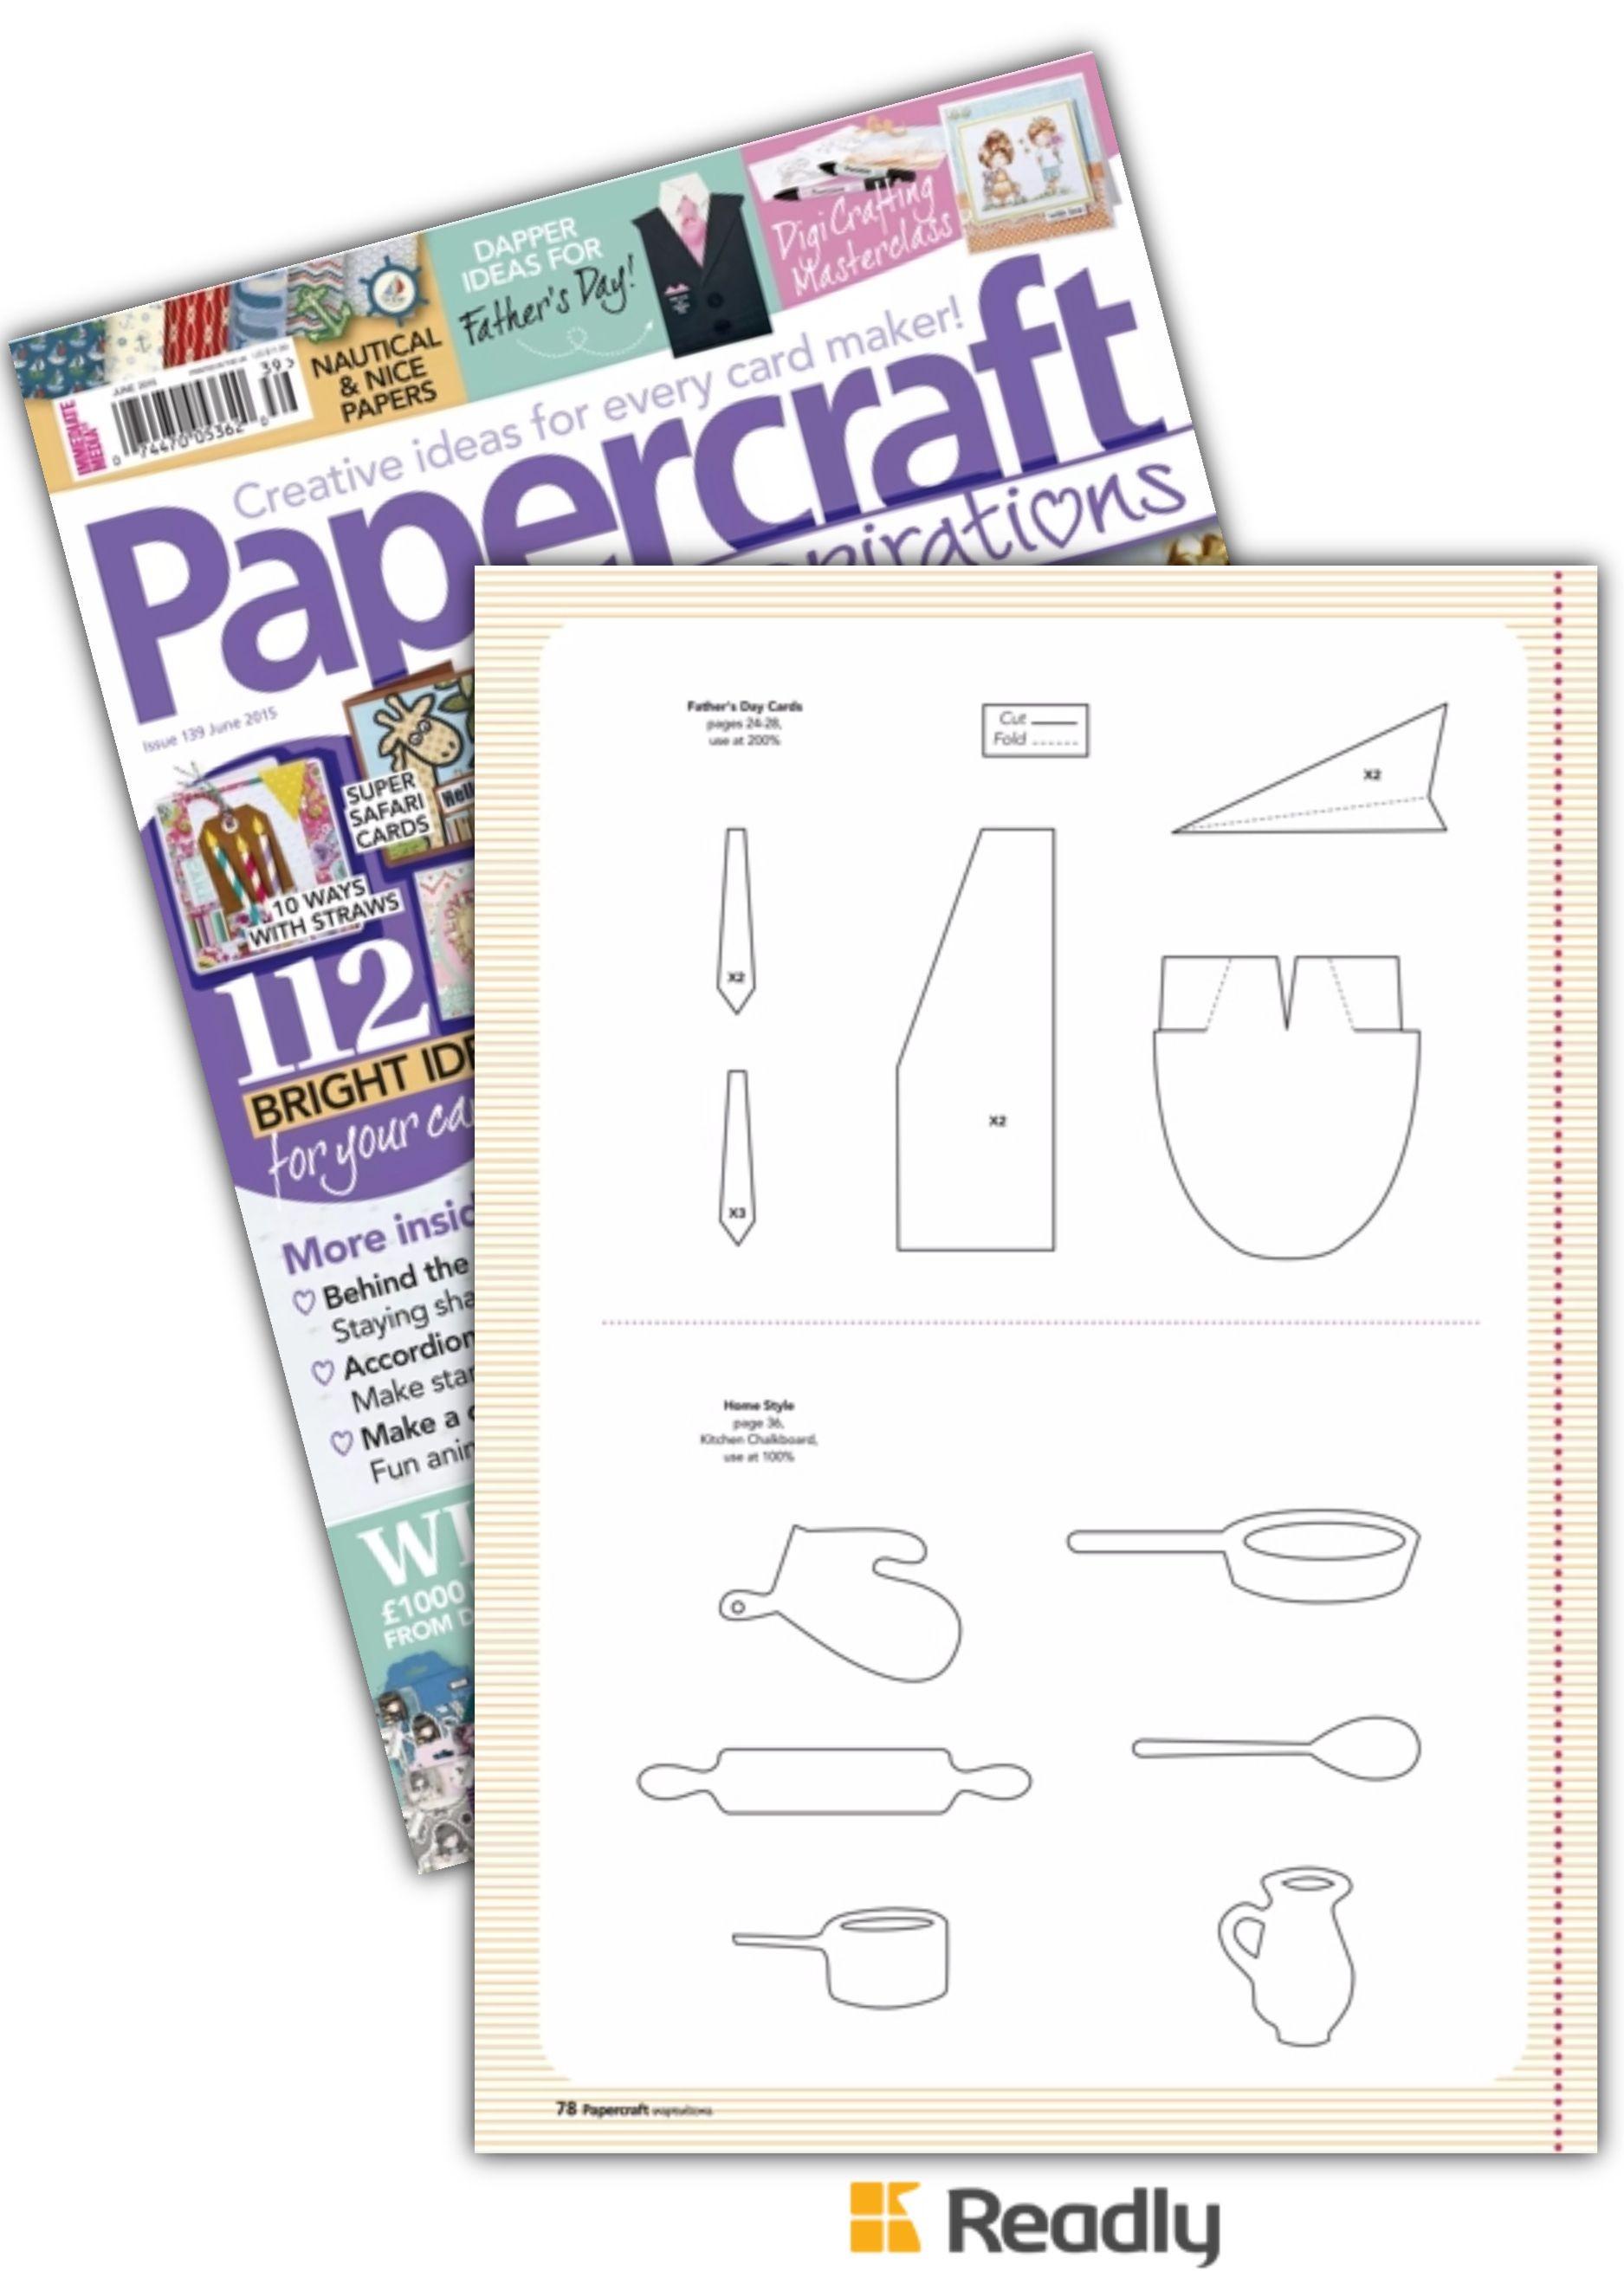 Amazing Papercraft Suggestion About Papercraft Inspirations Jun 2015 Page 78